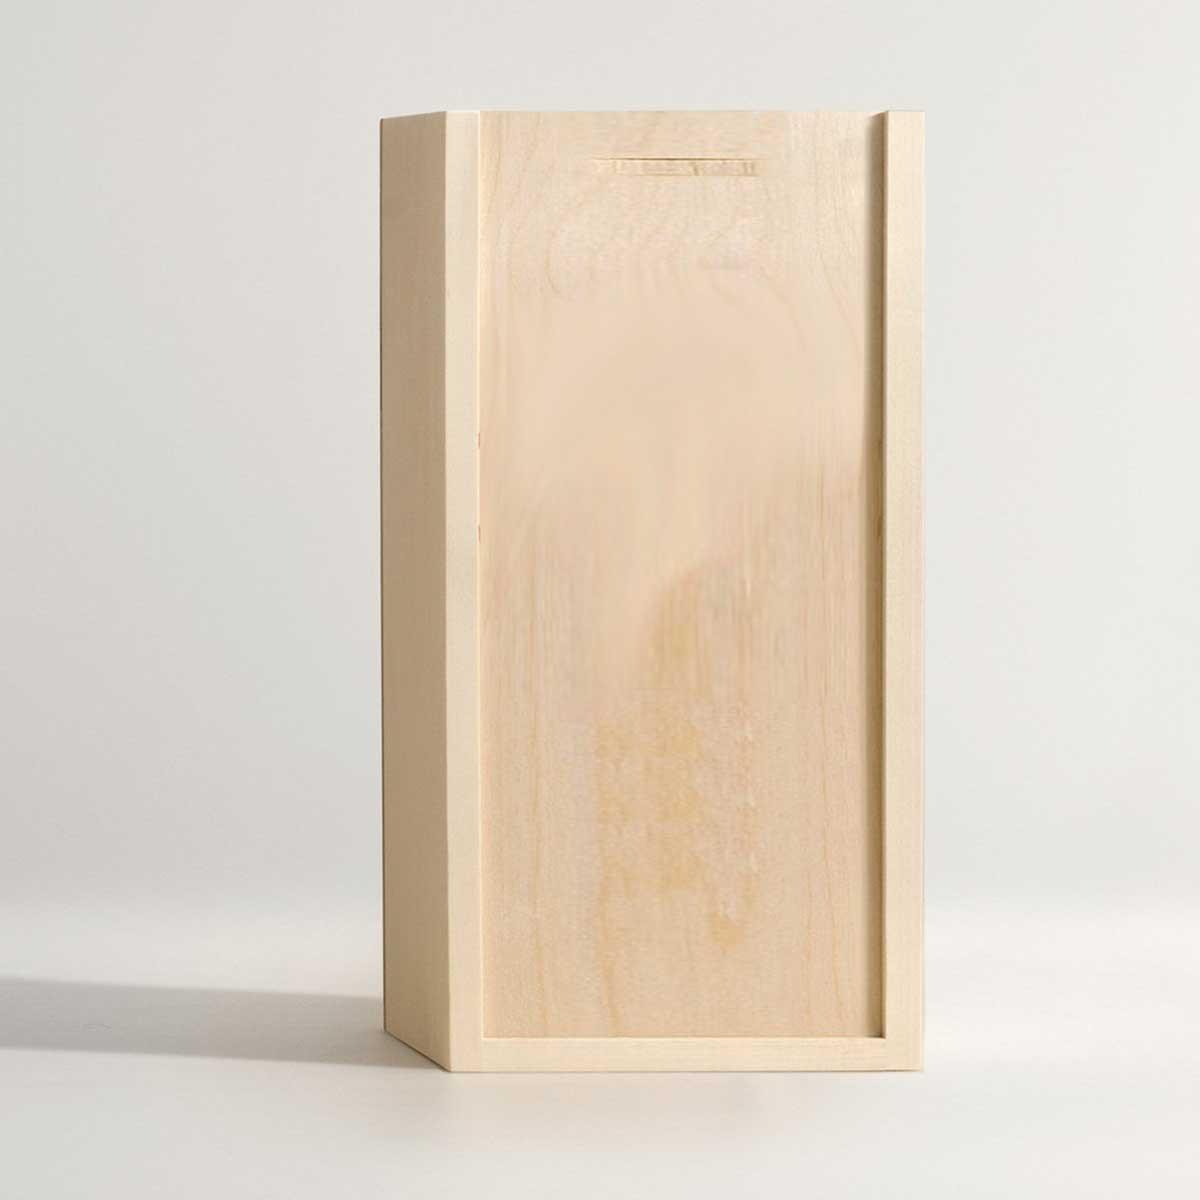 b3639d81b6e Estojos criativos em madeira para embalagem